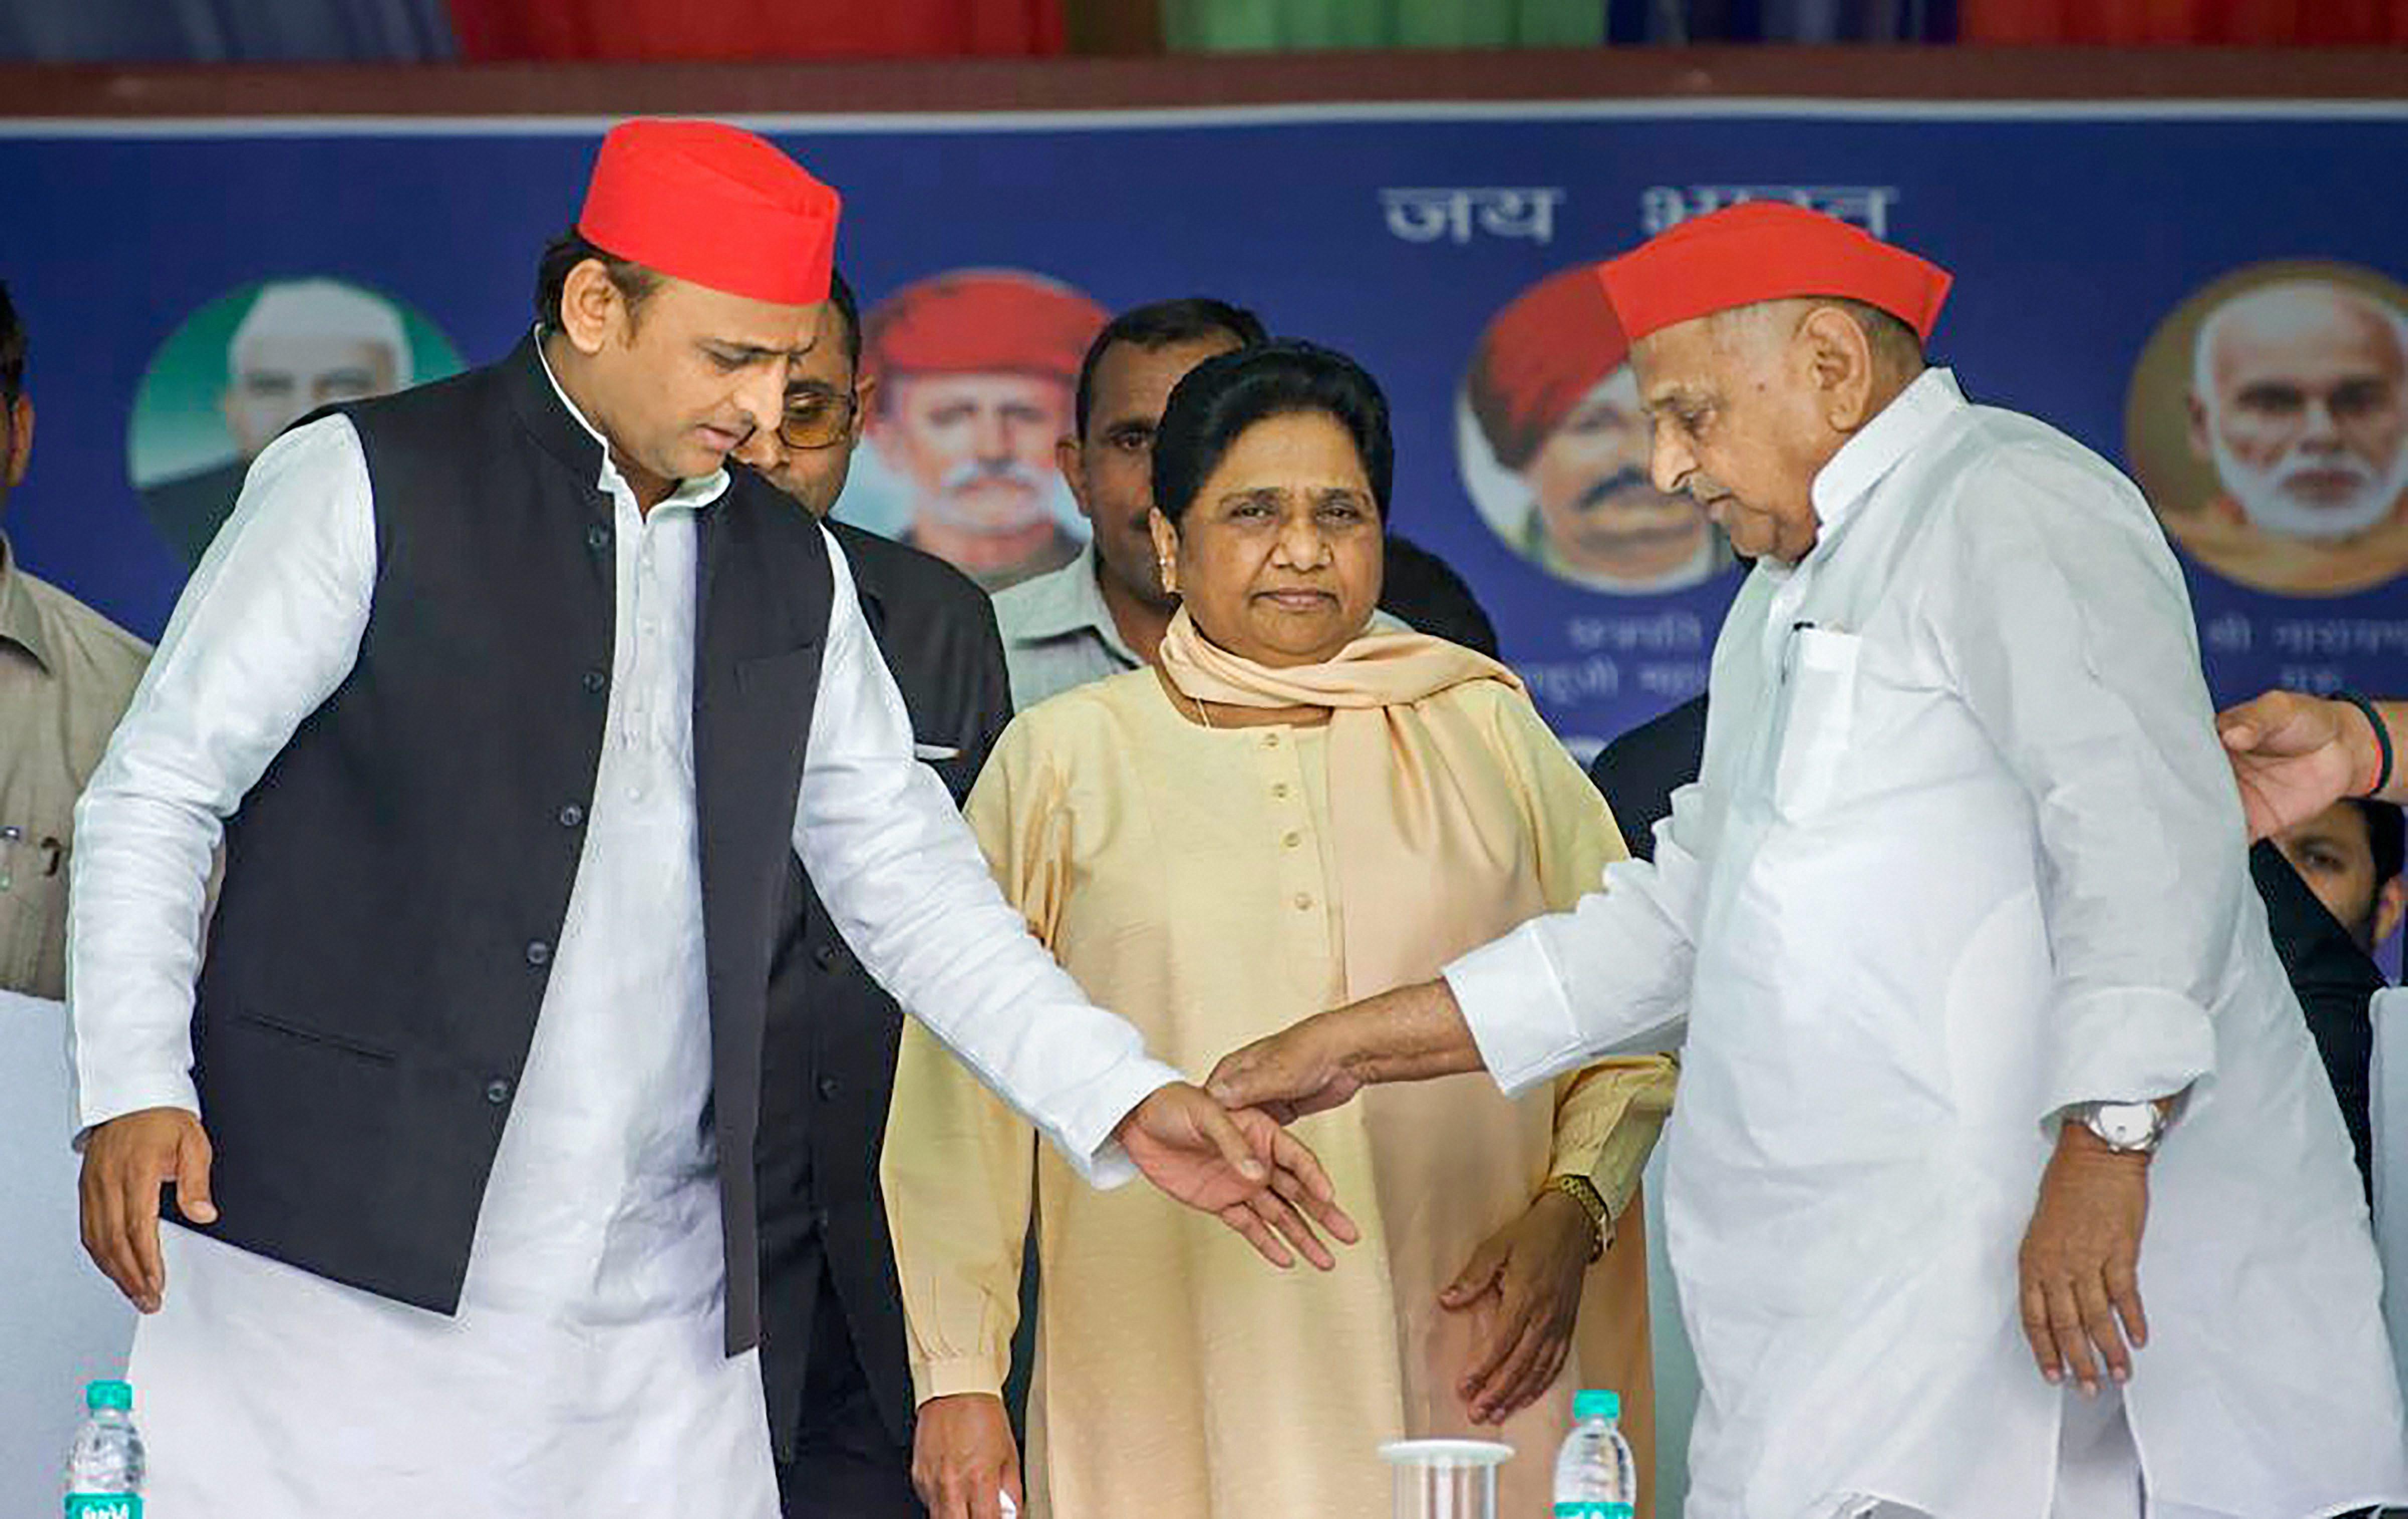 Akhilesh, Mayawati and Mulayam at the Mainpuri rally on April 19.